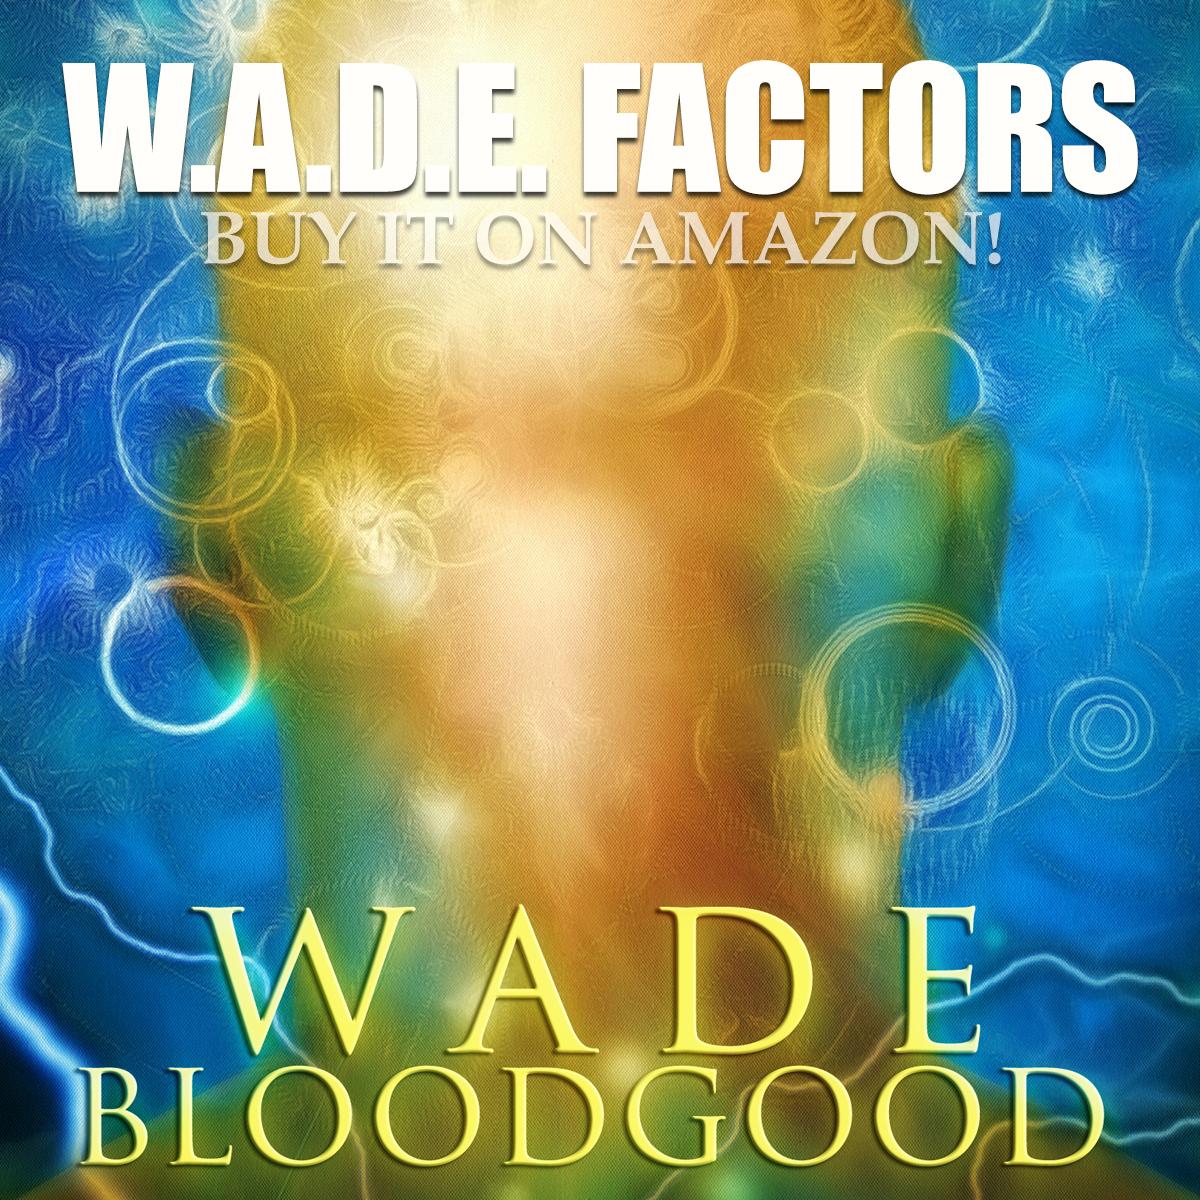 W.A.D.E. FACTORS